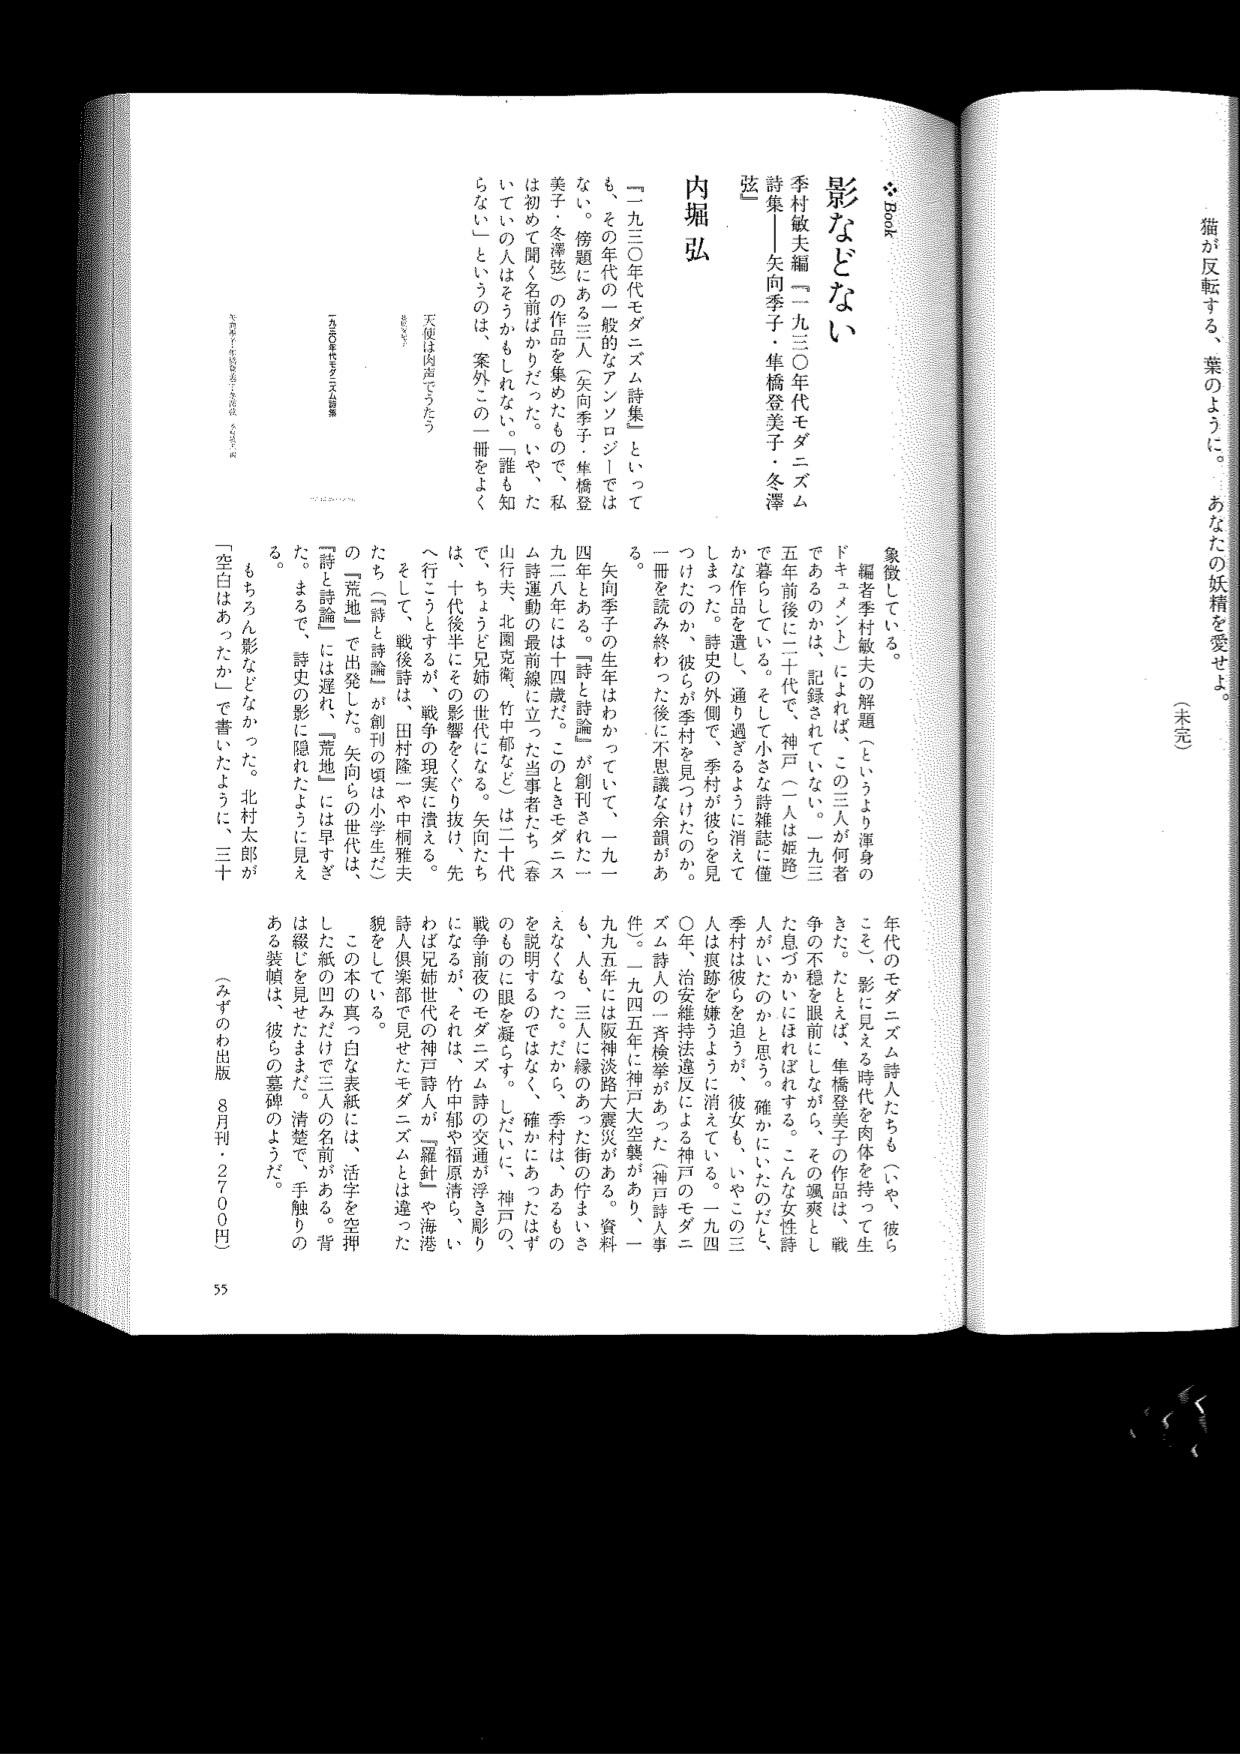 一九三〇年代モダニズム詩集―矢向季子・隼橋登美子・冬澤弦_f0307792_19584669.jpg